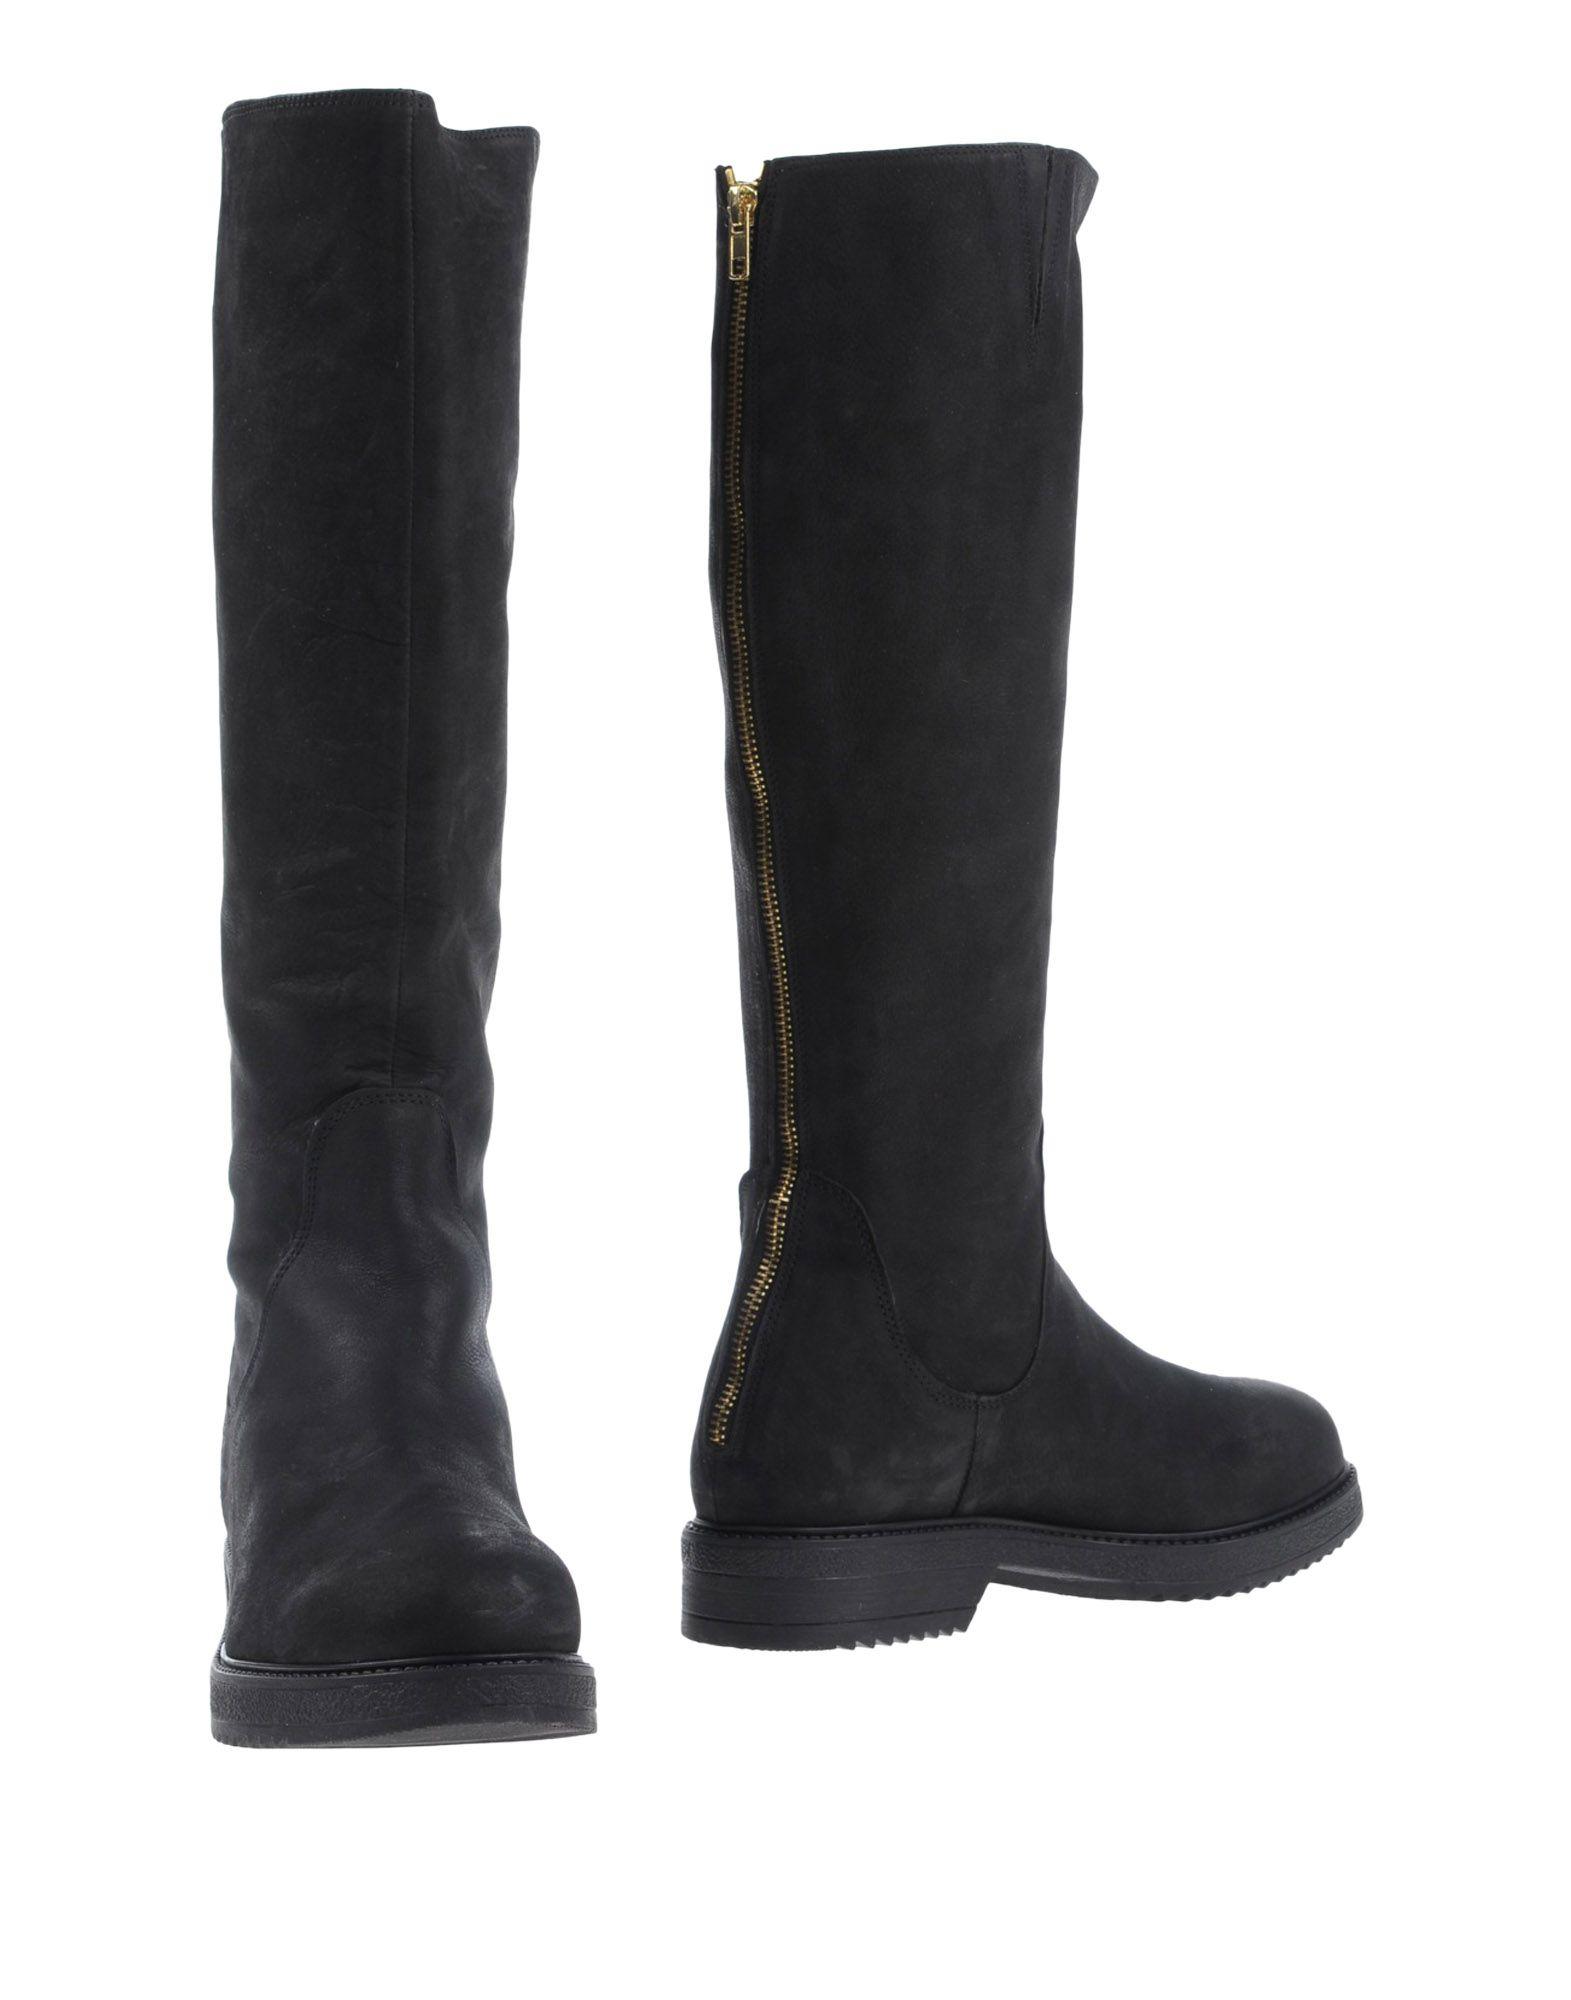 Bagatt Schuhe Stiefel Damen  11294323BT Gute Qualität beliebte Schuhe Bagatt 8fca88